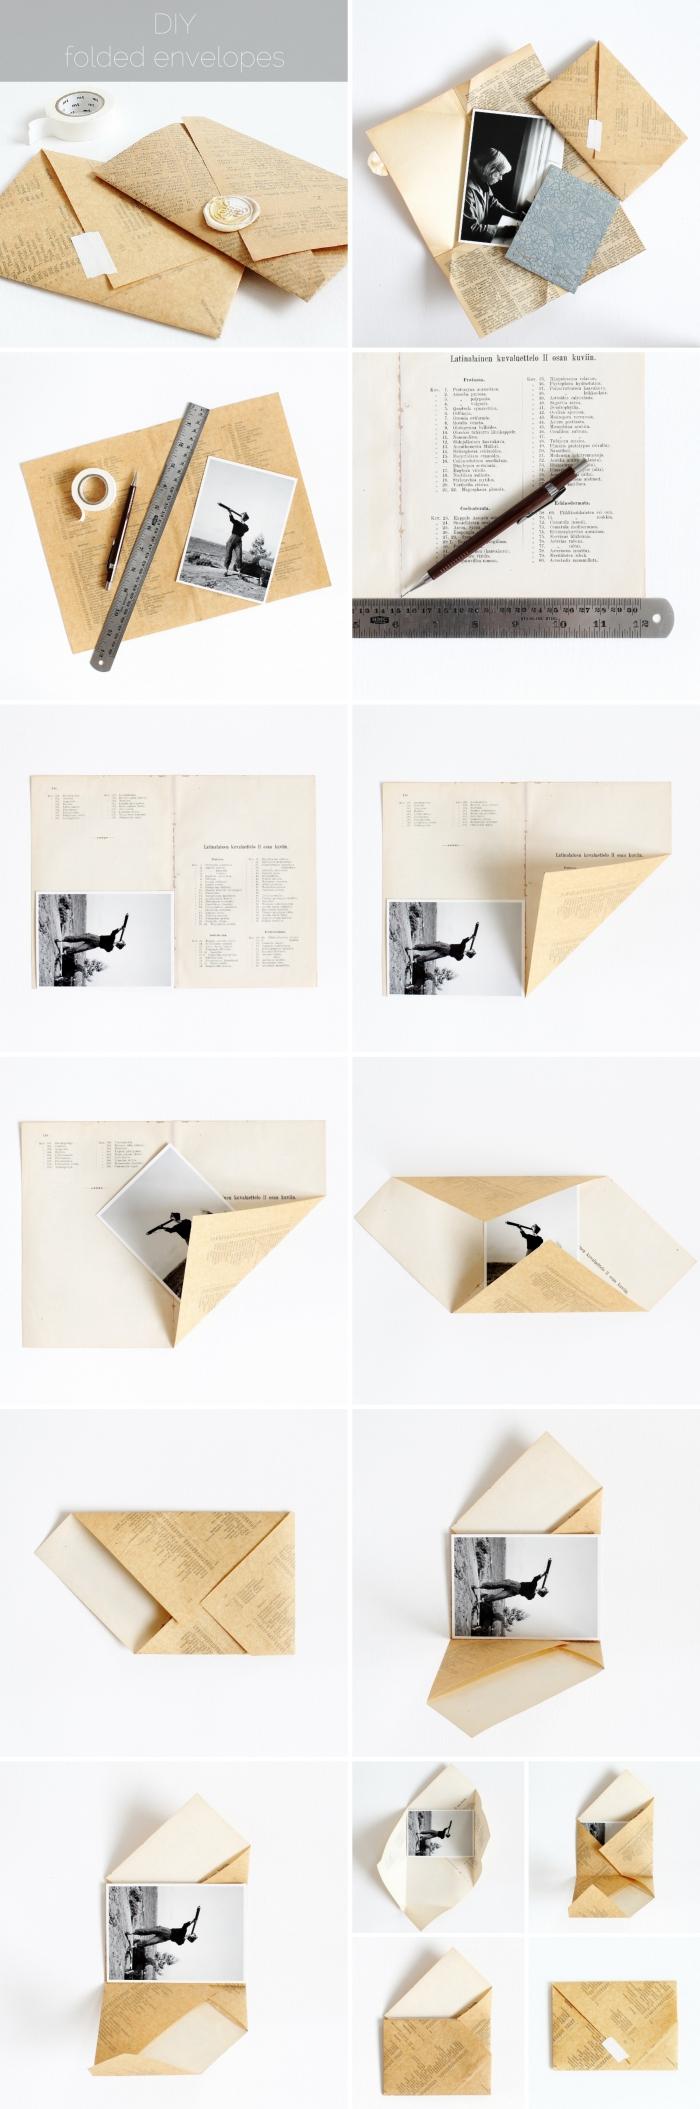 fabriquer une enveloppe, étapes à suivre pour envelopper une photo ou carte postale en papier page de journal